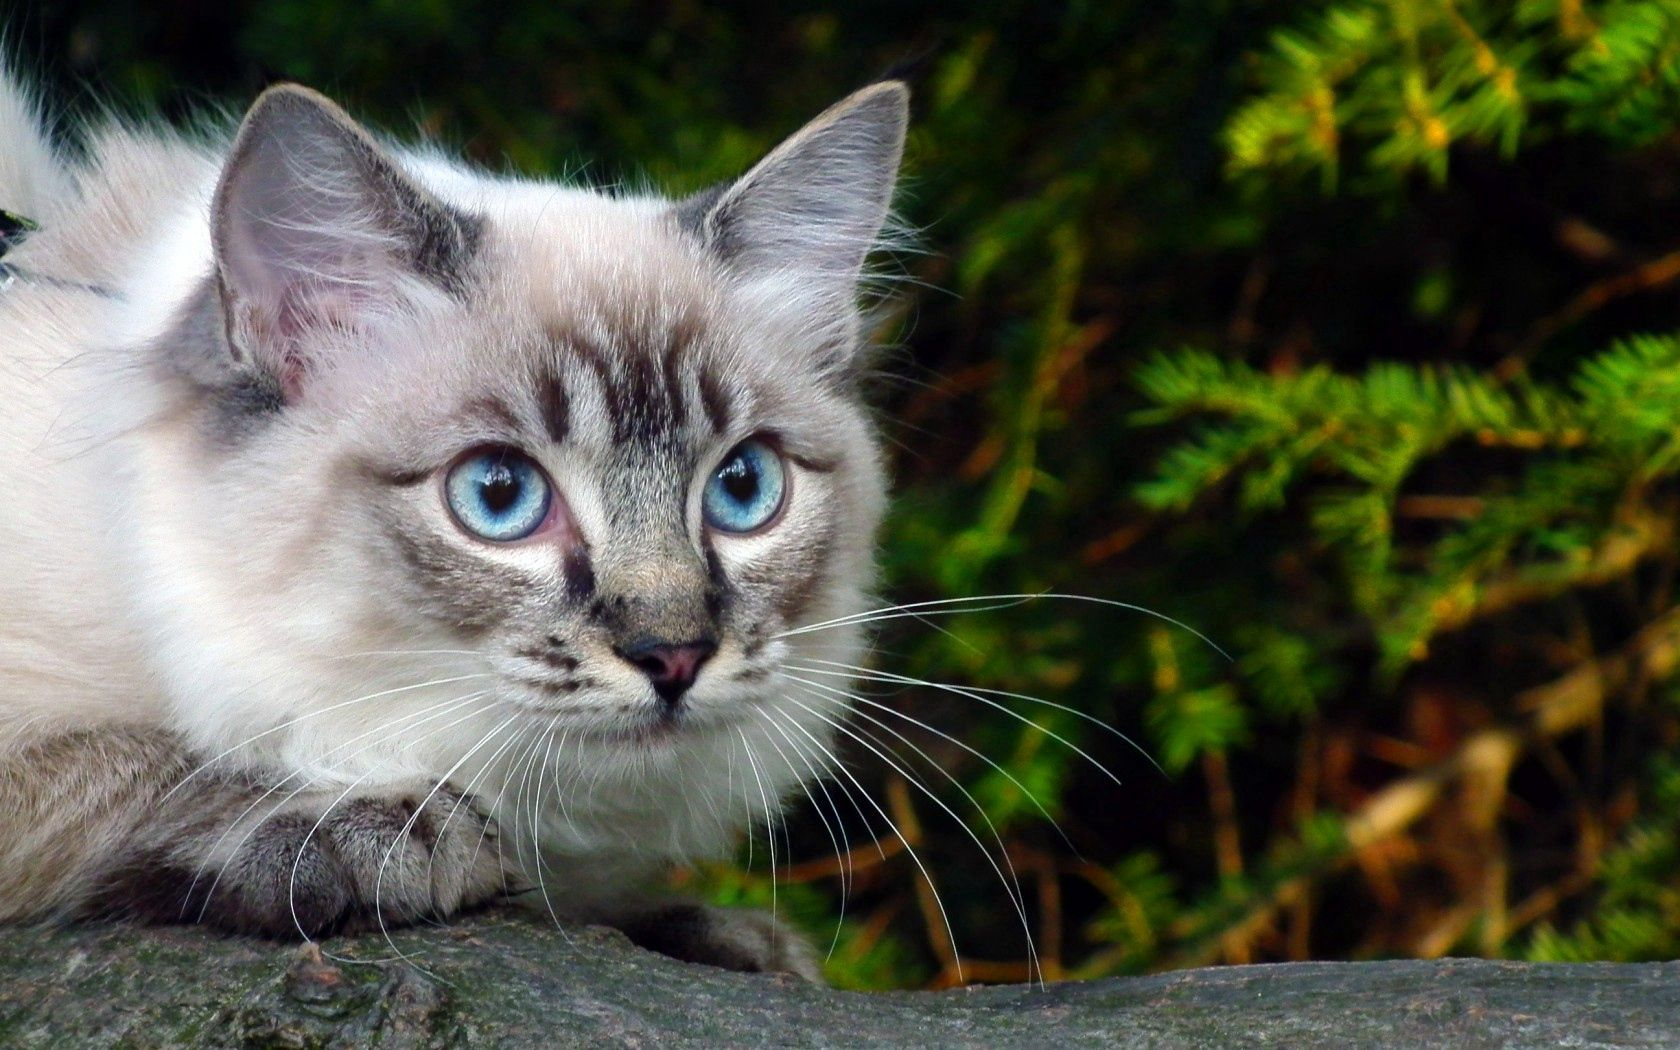 130098 скачать обои Животные, Глаза, Ветка, Зелень, Кошка, Голубые - заставки и картинки бесплатно